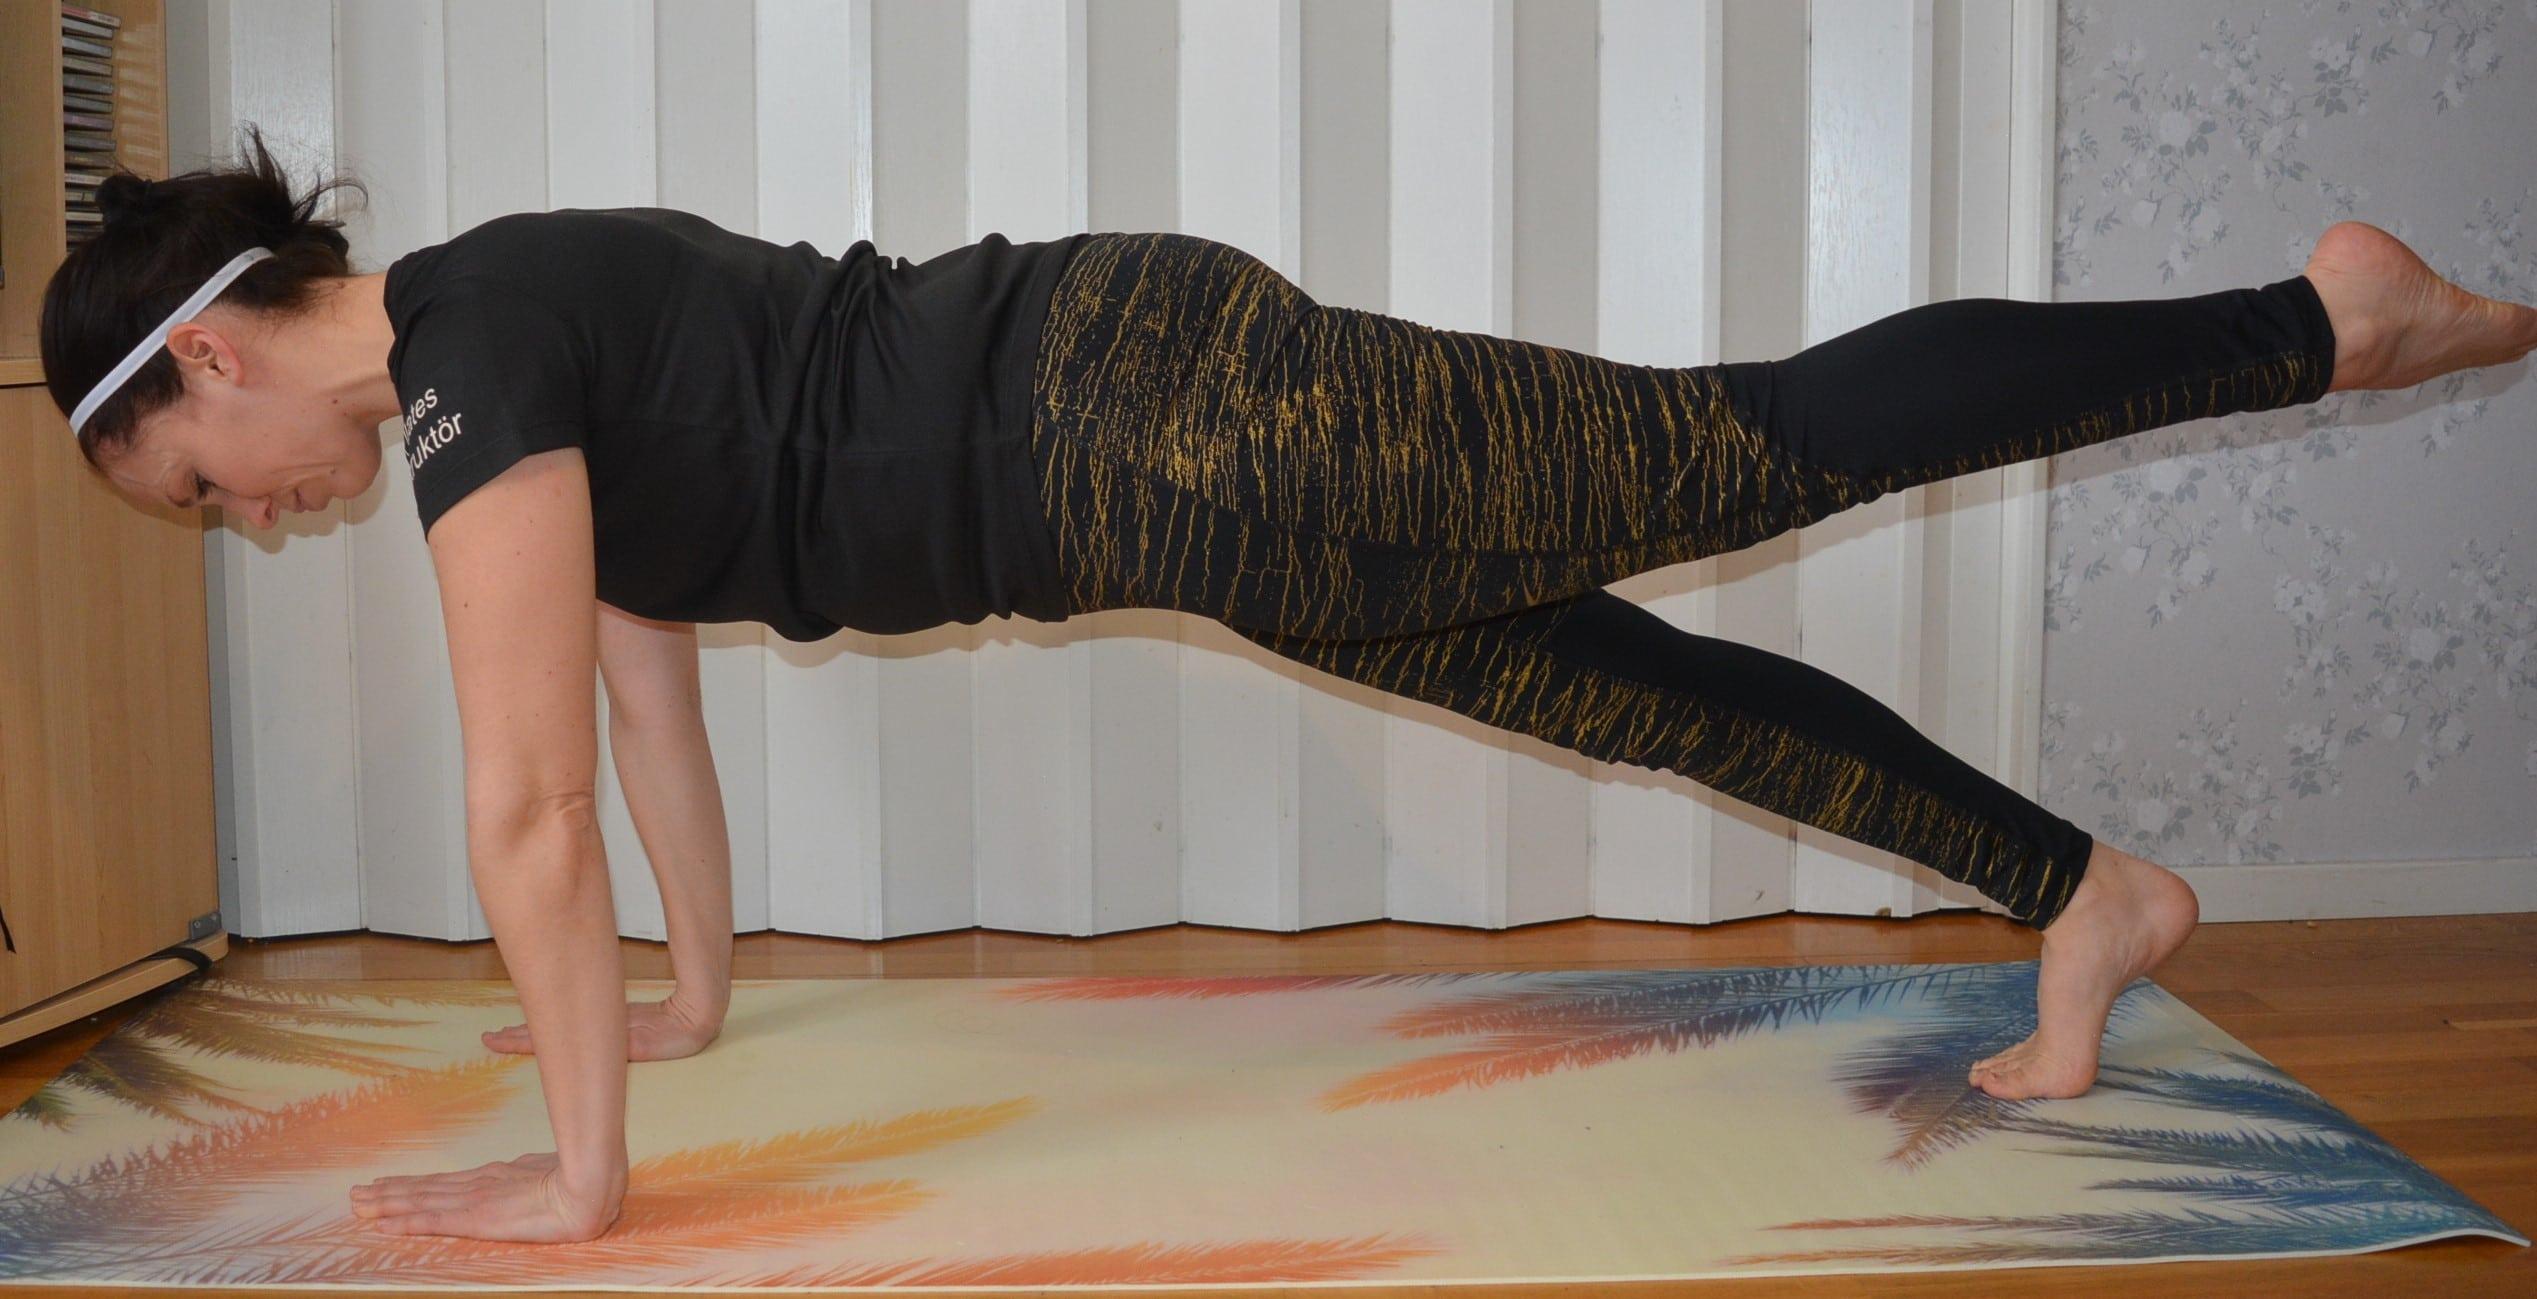 Pilatesövning planka bålträning mage